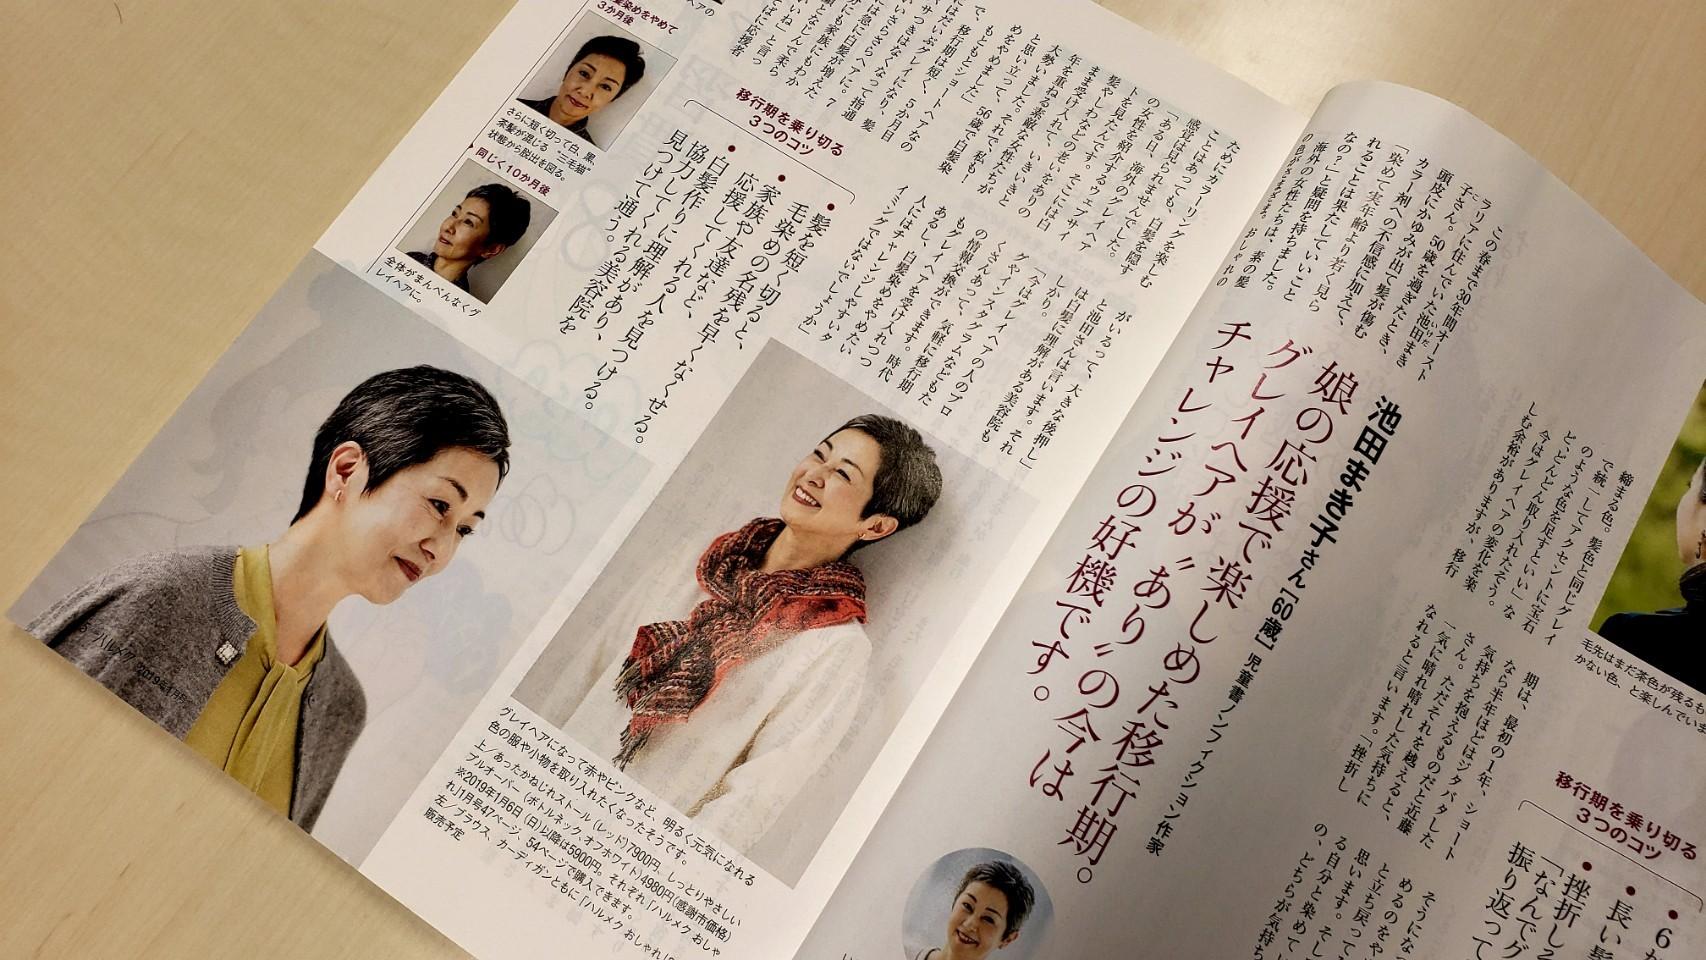 2019年1月号「ハルメク」では、池田さんのインタビューを掲載し、読者のみなさんから大きな反響がありました